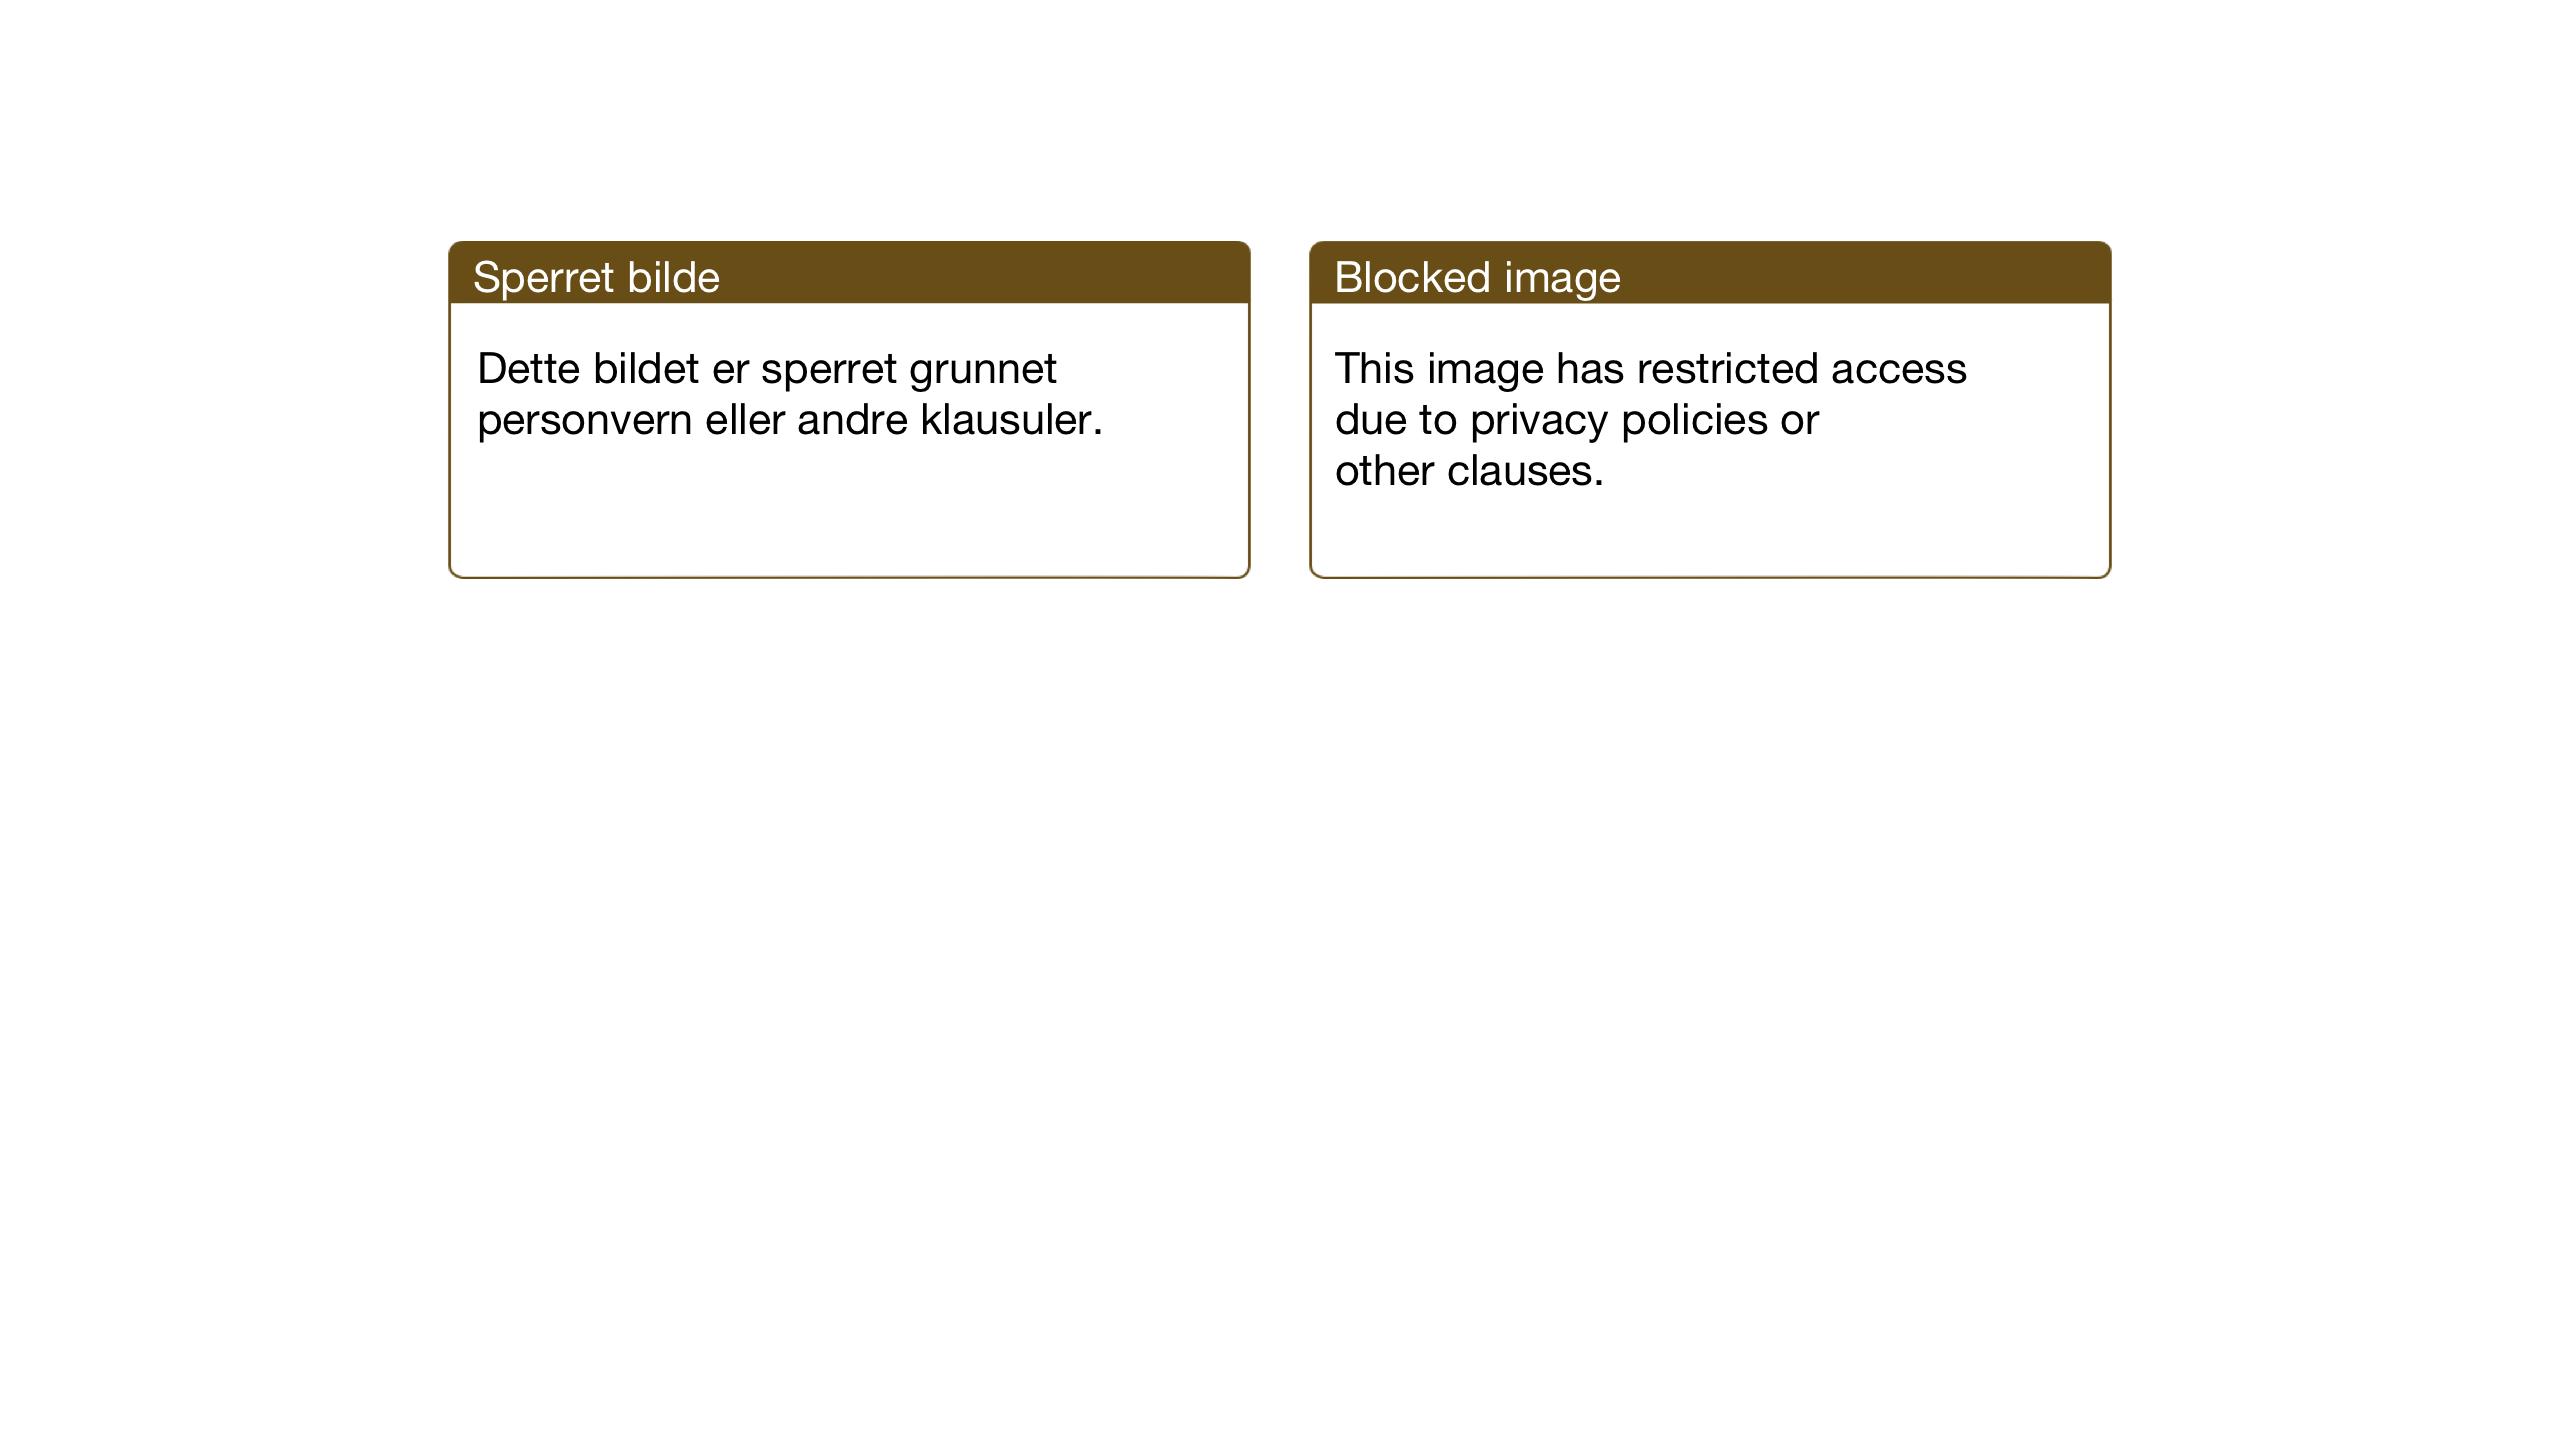 SAT, Ministerialprotokoller, klokkerbøker og fødselsregistre - Sør-Trøndelag, 631/L0515: Klokkerbok nr. 631C03, 1913-1939, s. 56